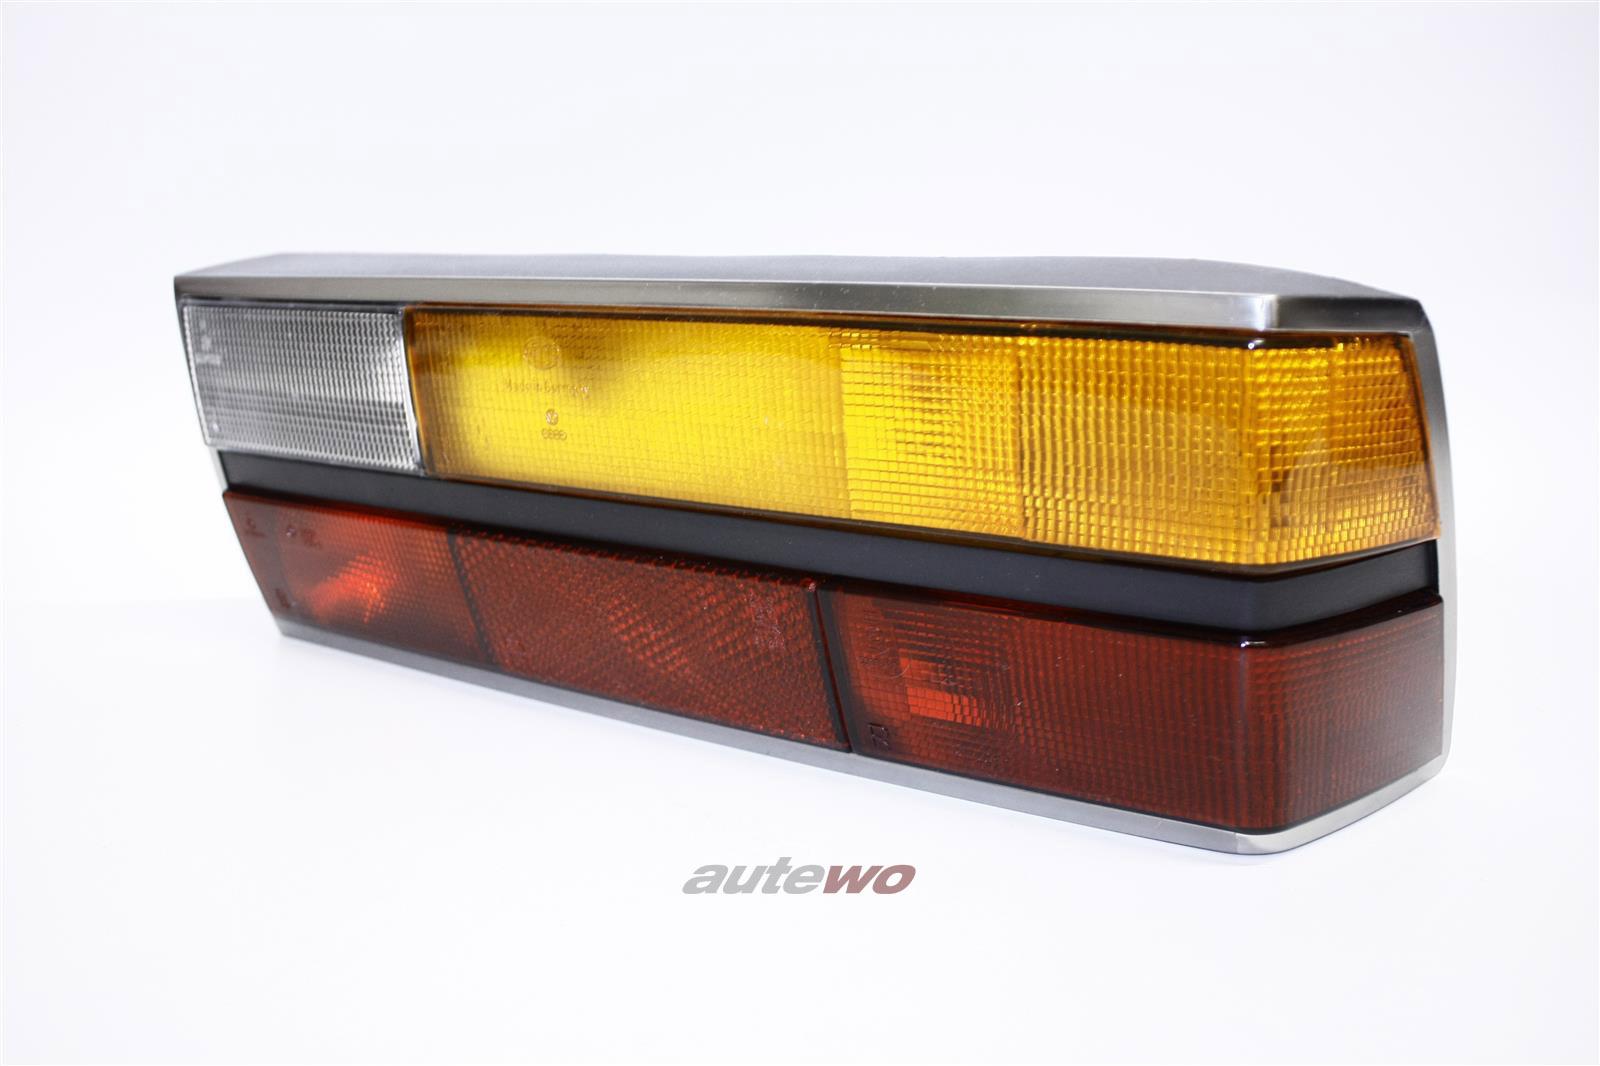 NEU&ORIGINAL Audi 100 Typ 43 / C2 Avant Rücklicht Rechts 435945218A